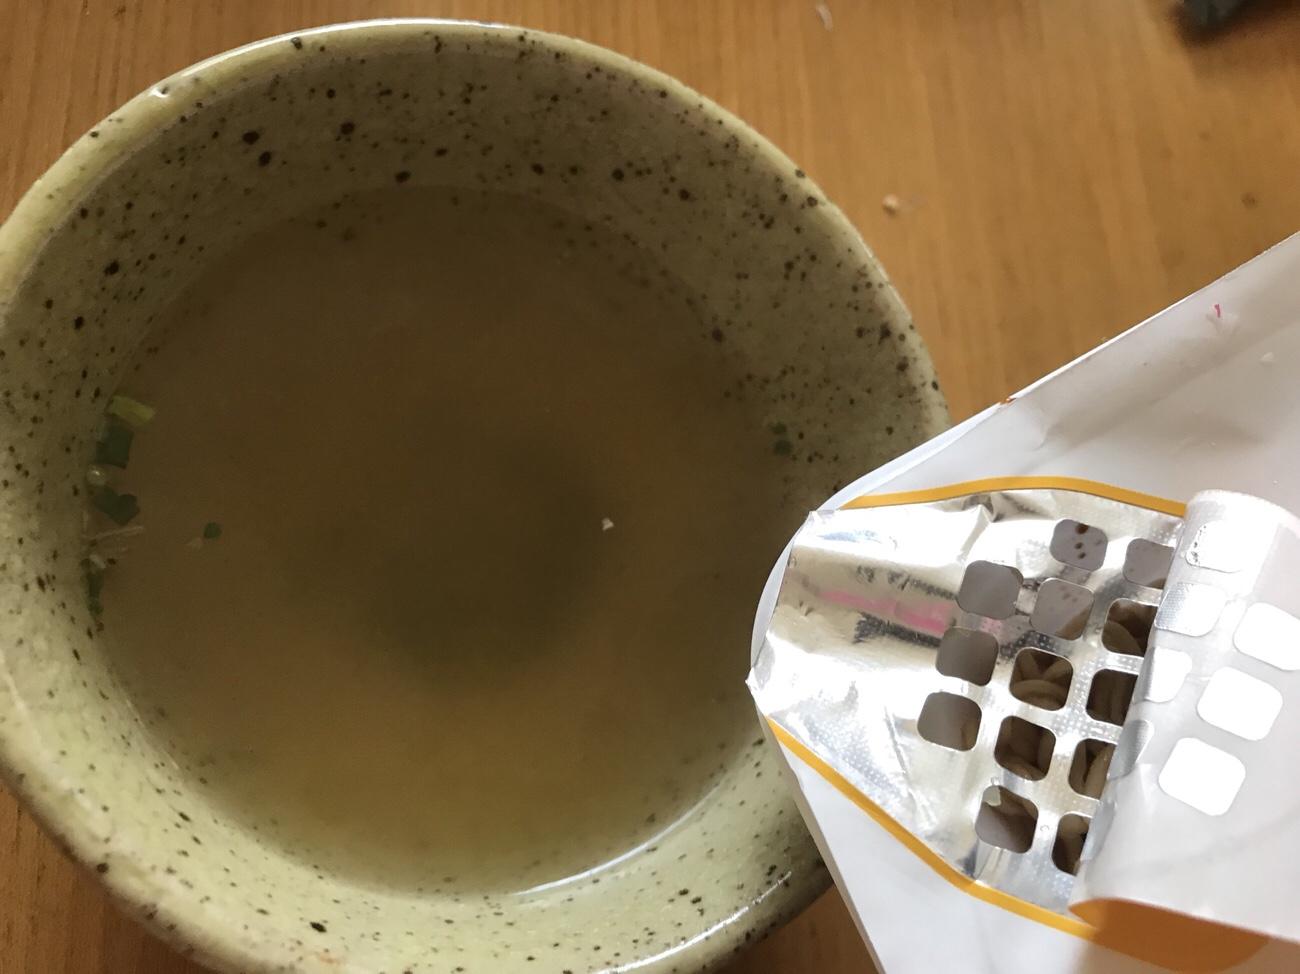 マルちゃん焼きそば弁当のスープは湯切りしたお湯で